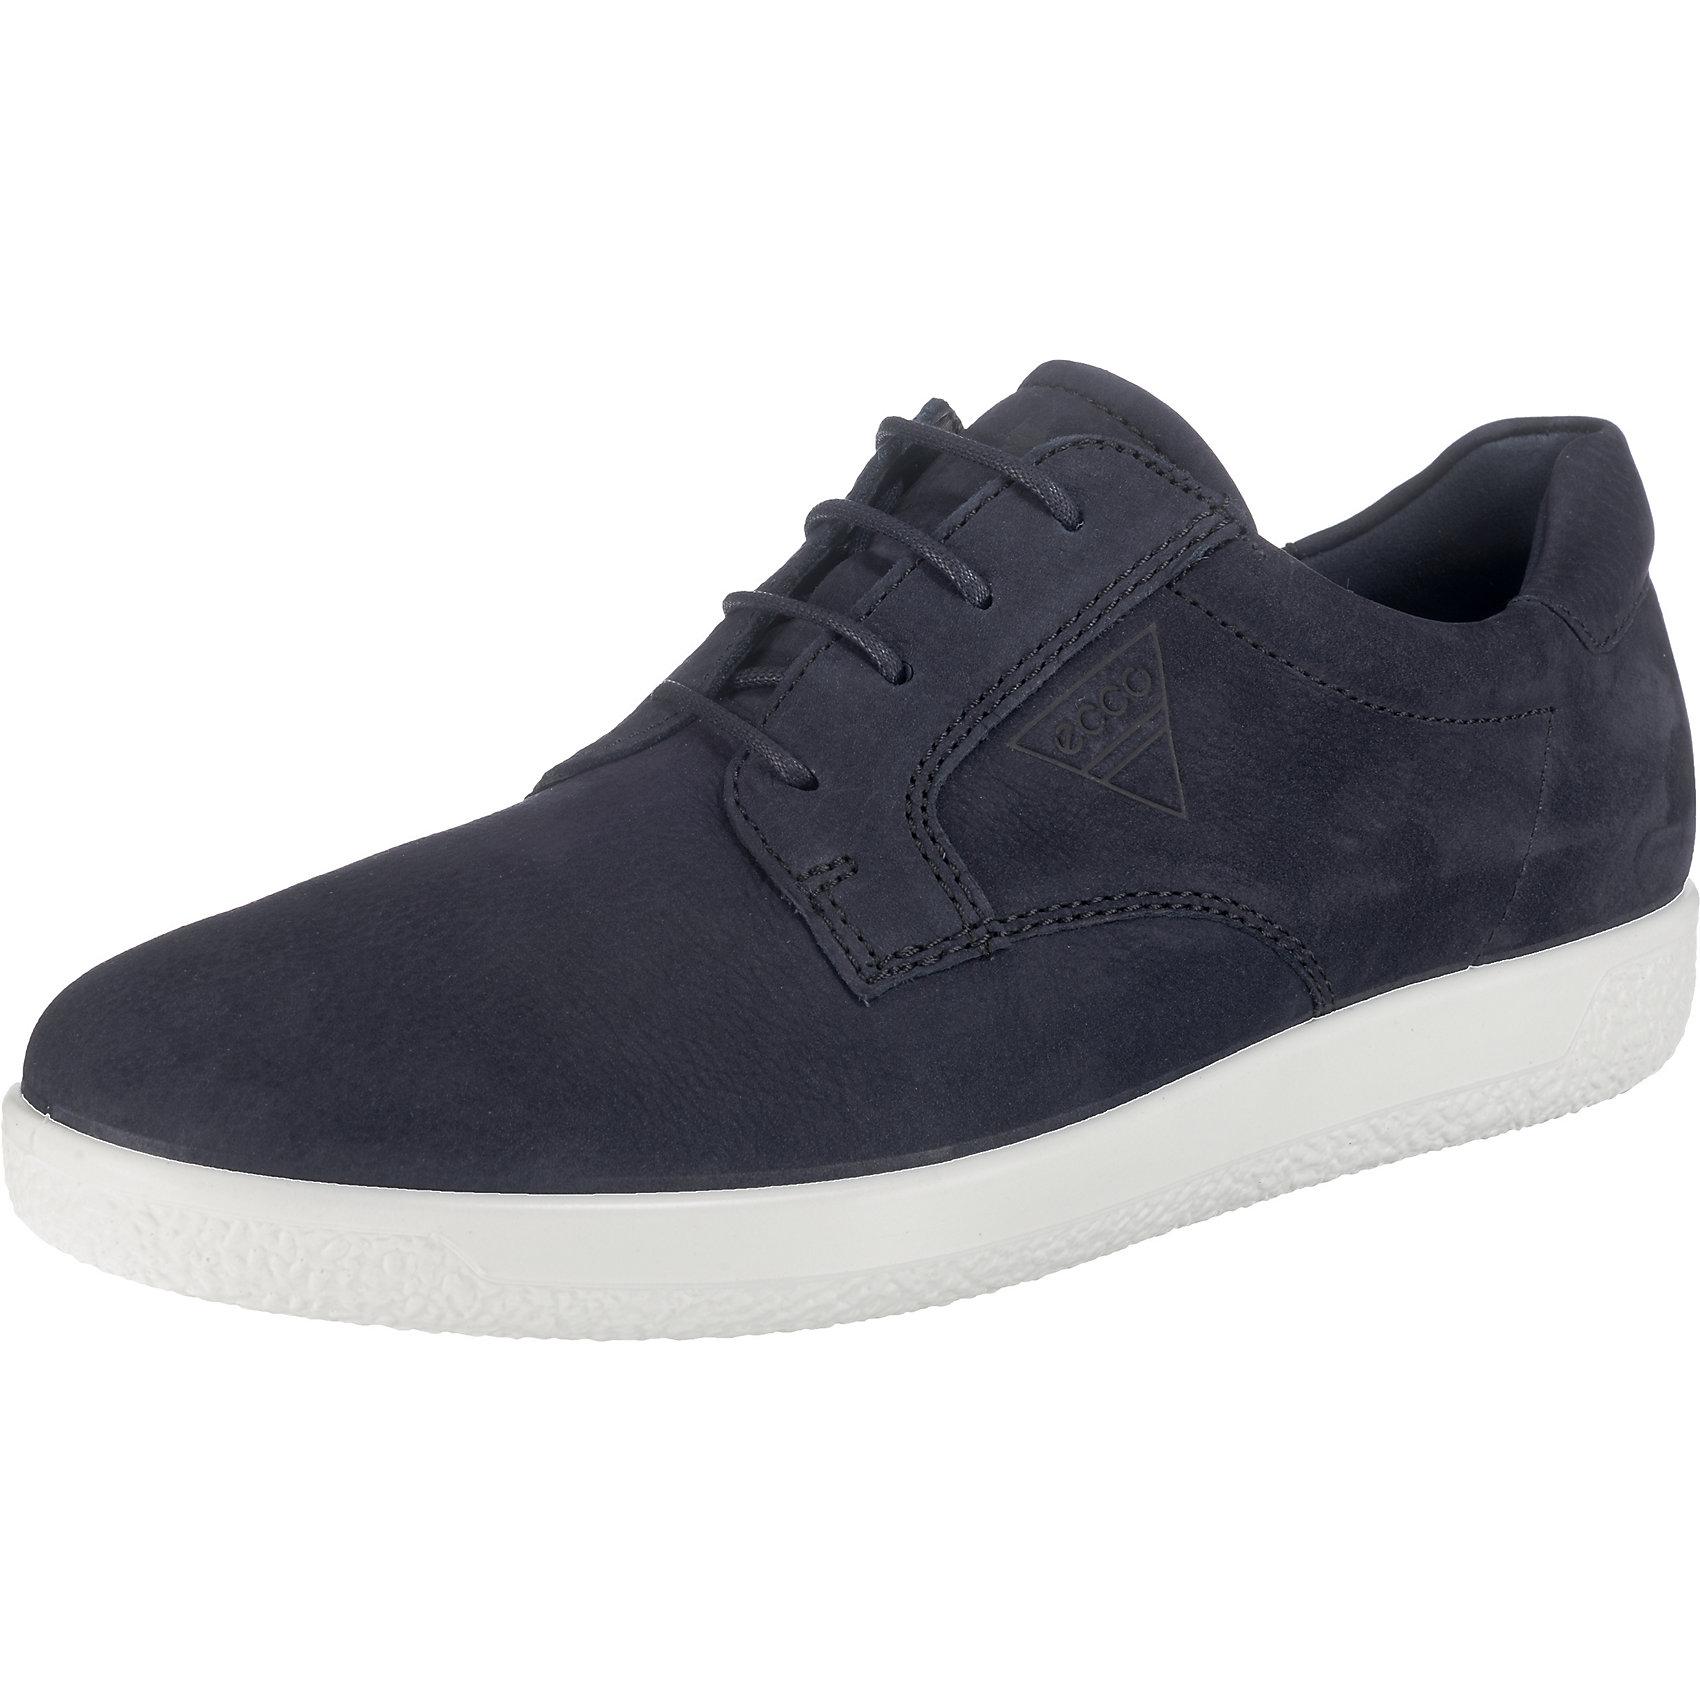 Neu ecco Soft 1 Sneakers Low 7291754 für Herren blau